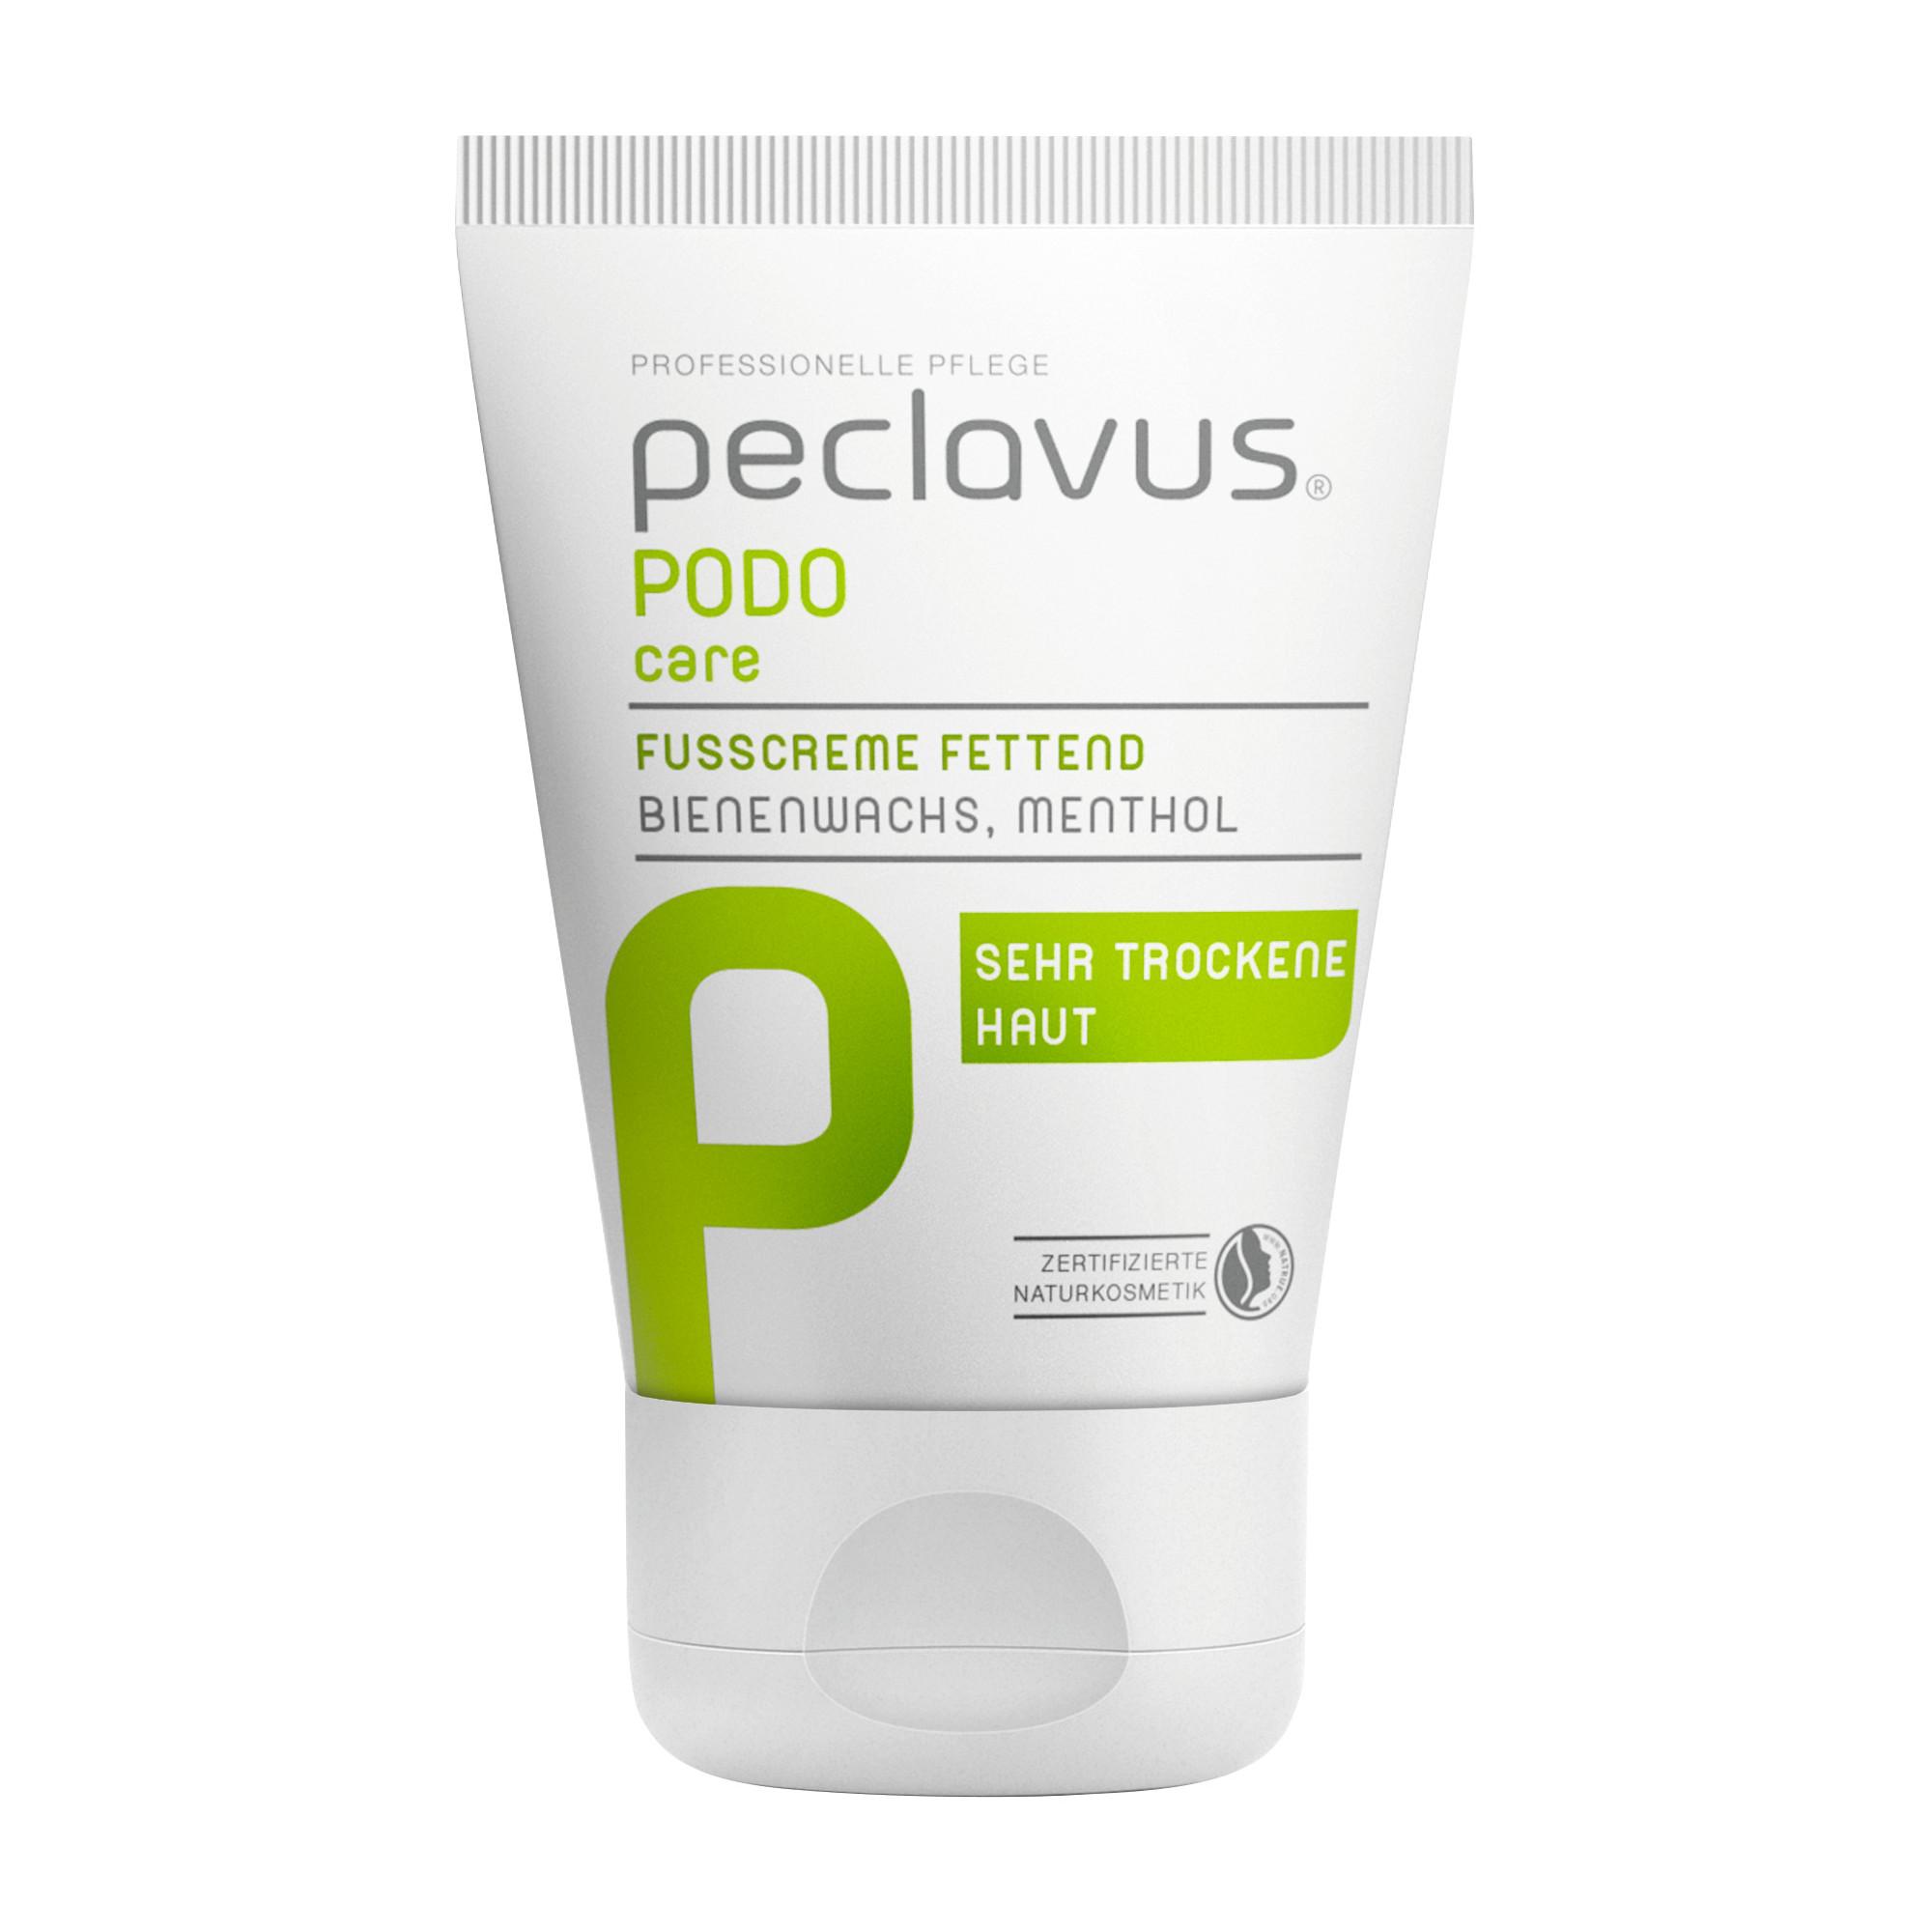 Crème grasse pour les pieds - Peclavus